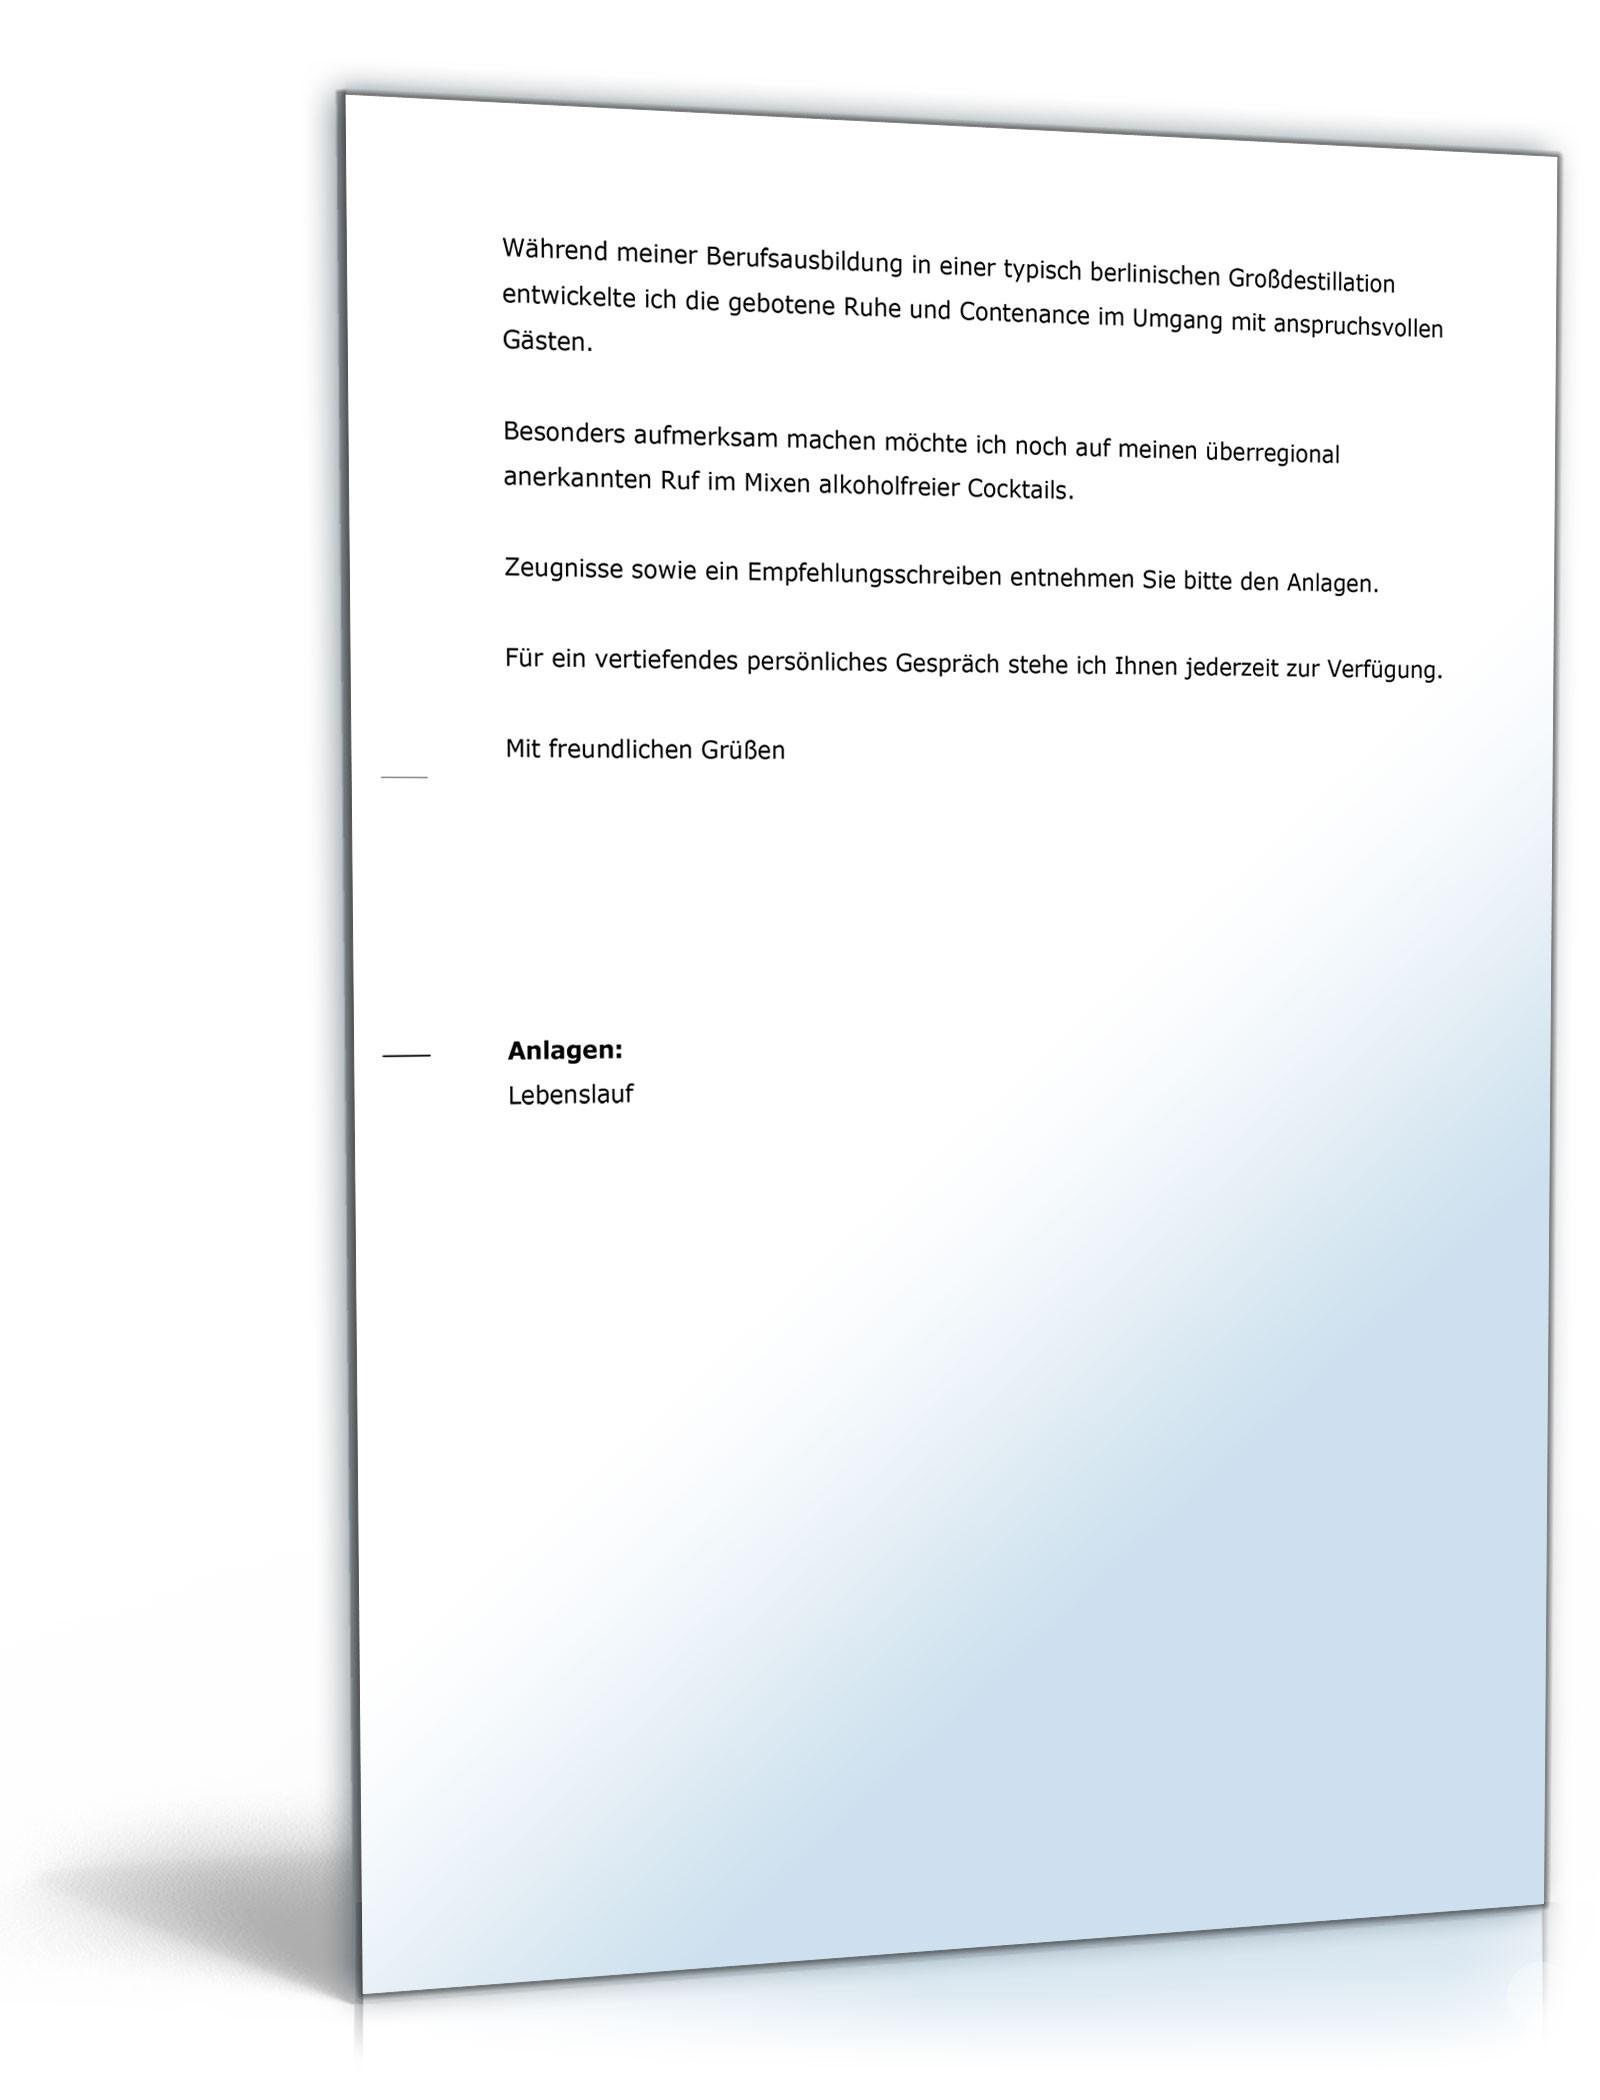 Bewerbung (Fachkraft im Gastgewerbe) - Muster-Vorlage zum Download